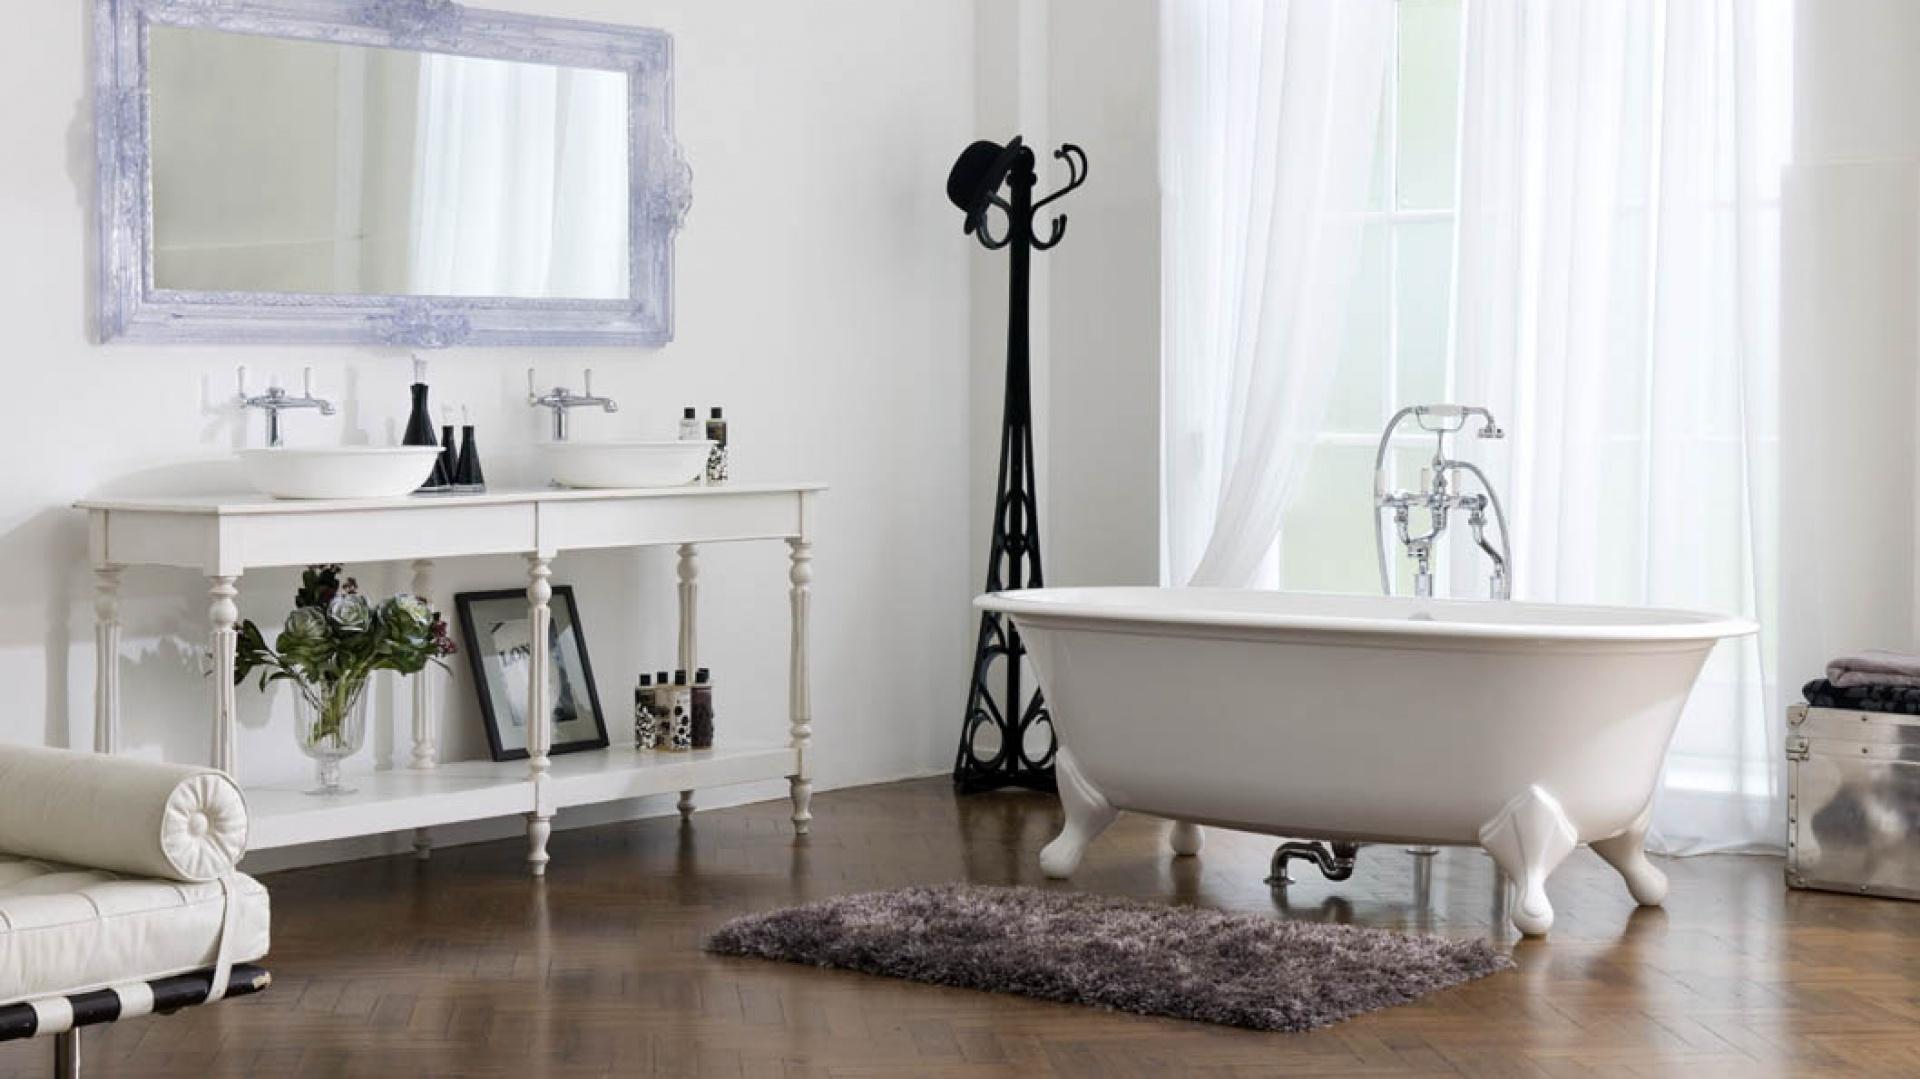 łazienka W Stylu Retro 12 Pomysłów Na Aranżację